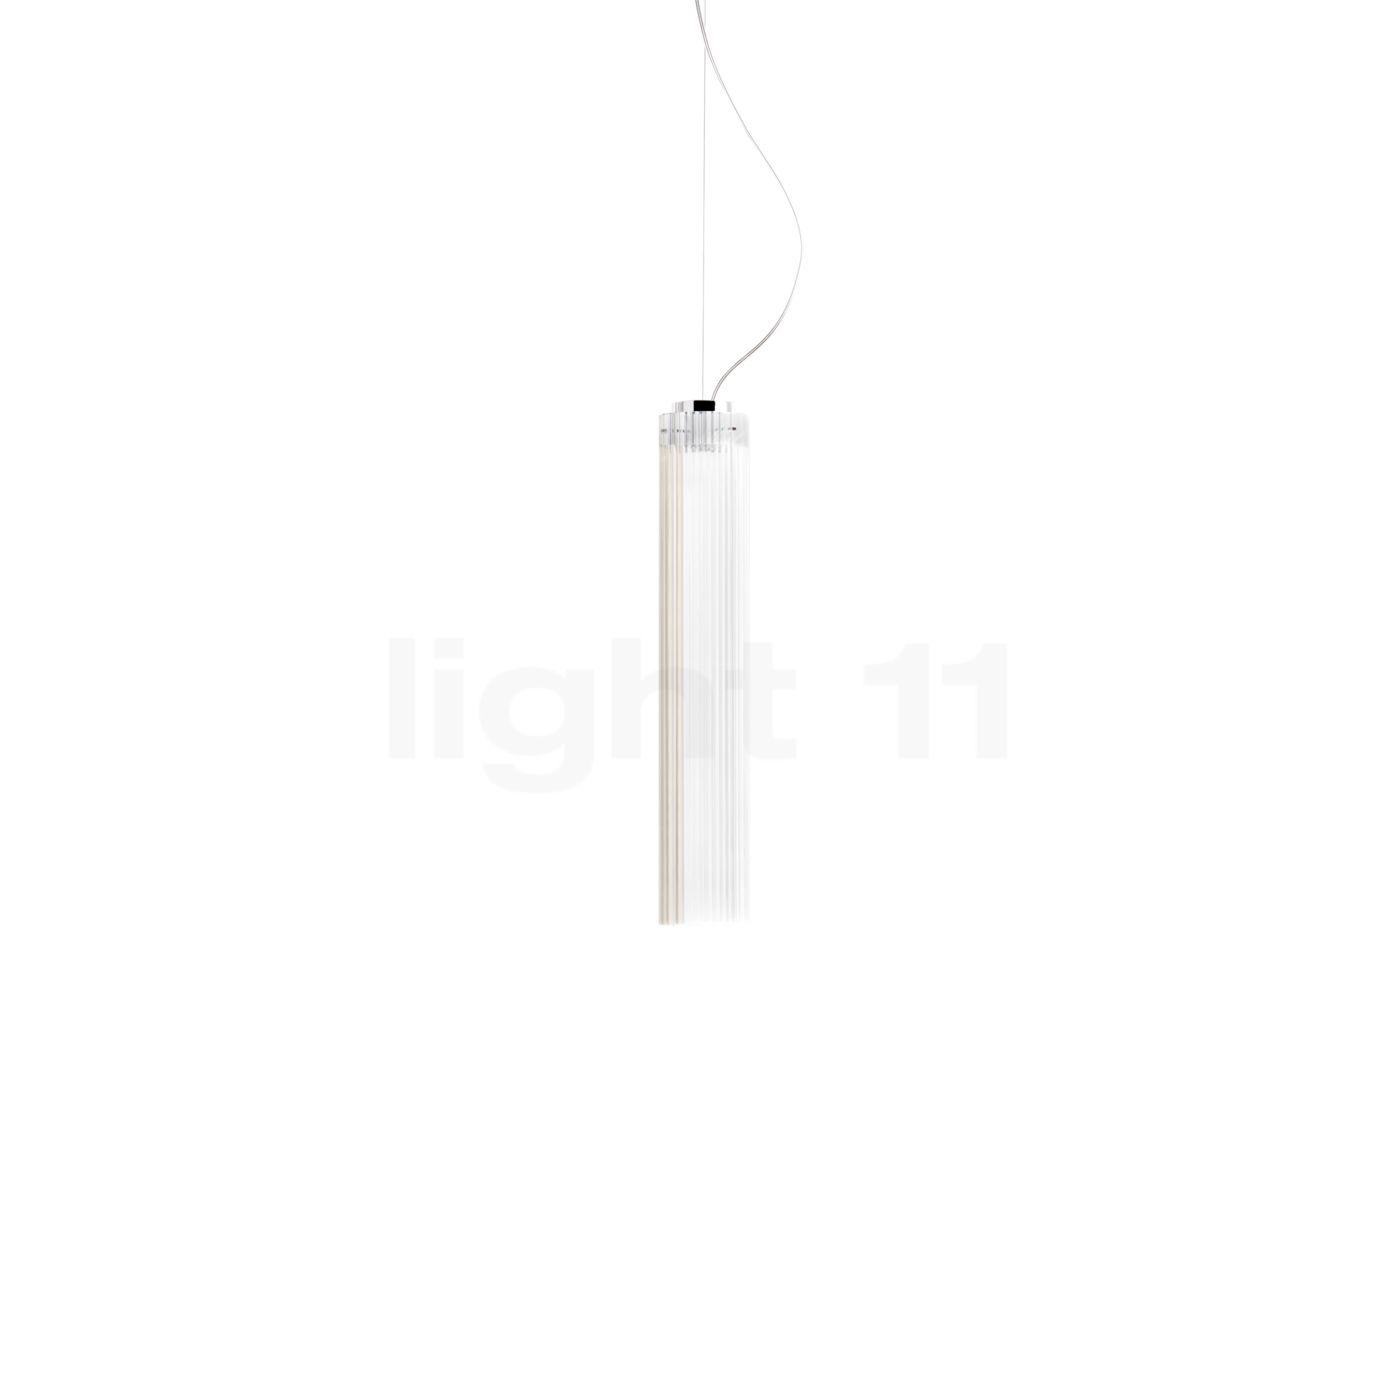 Kartell Rifly Pendelleuchte LED, Kristall, 30 cm 09340B4